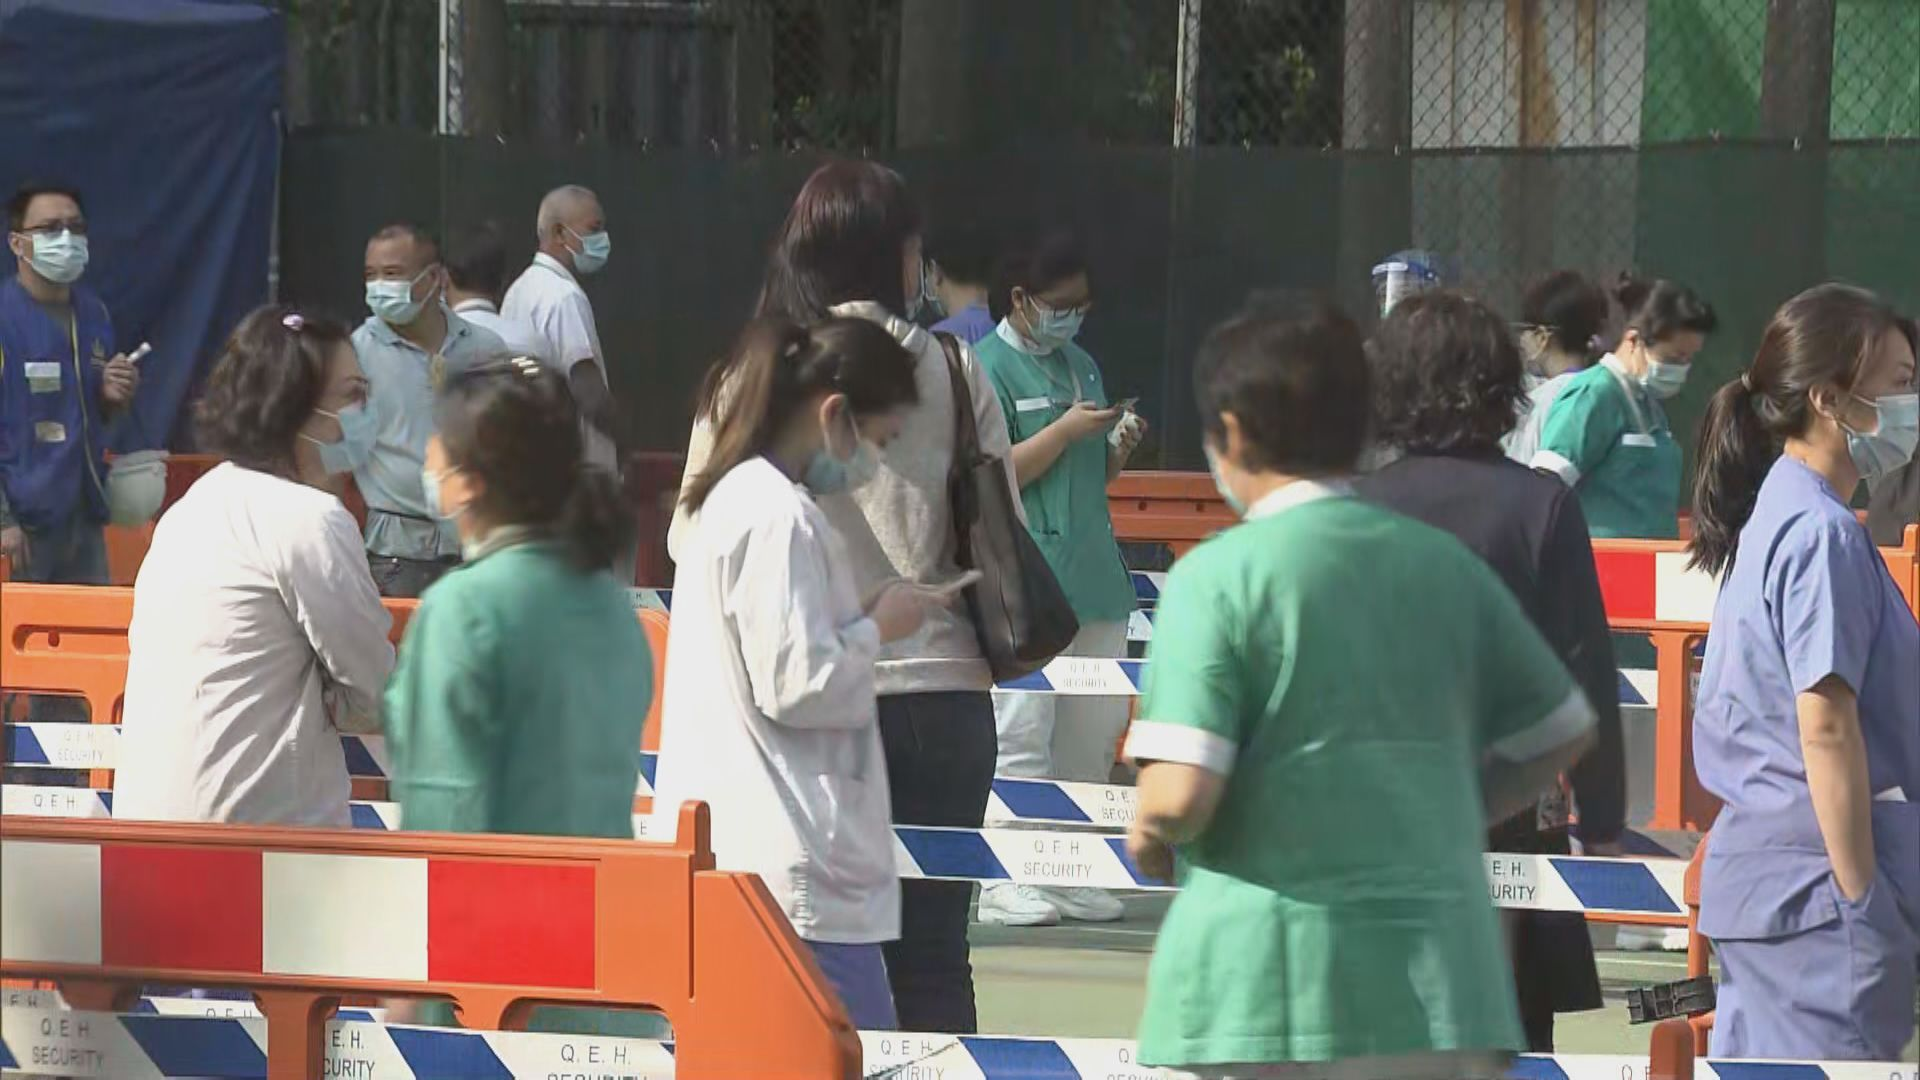 伊院三護士初步確診 院方安排員工自願檢測